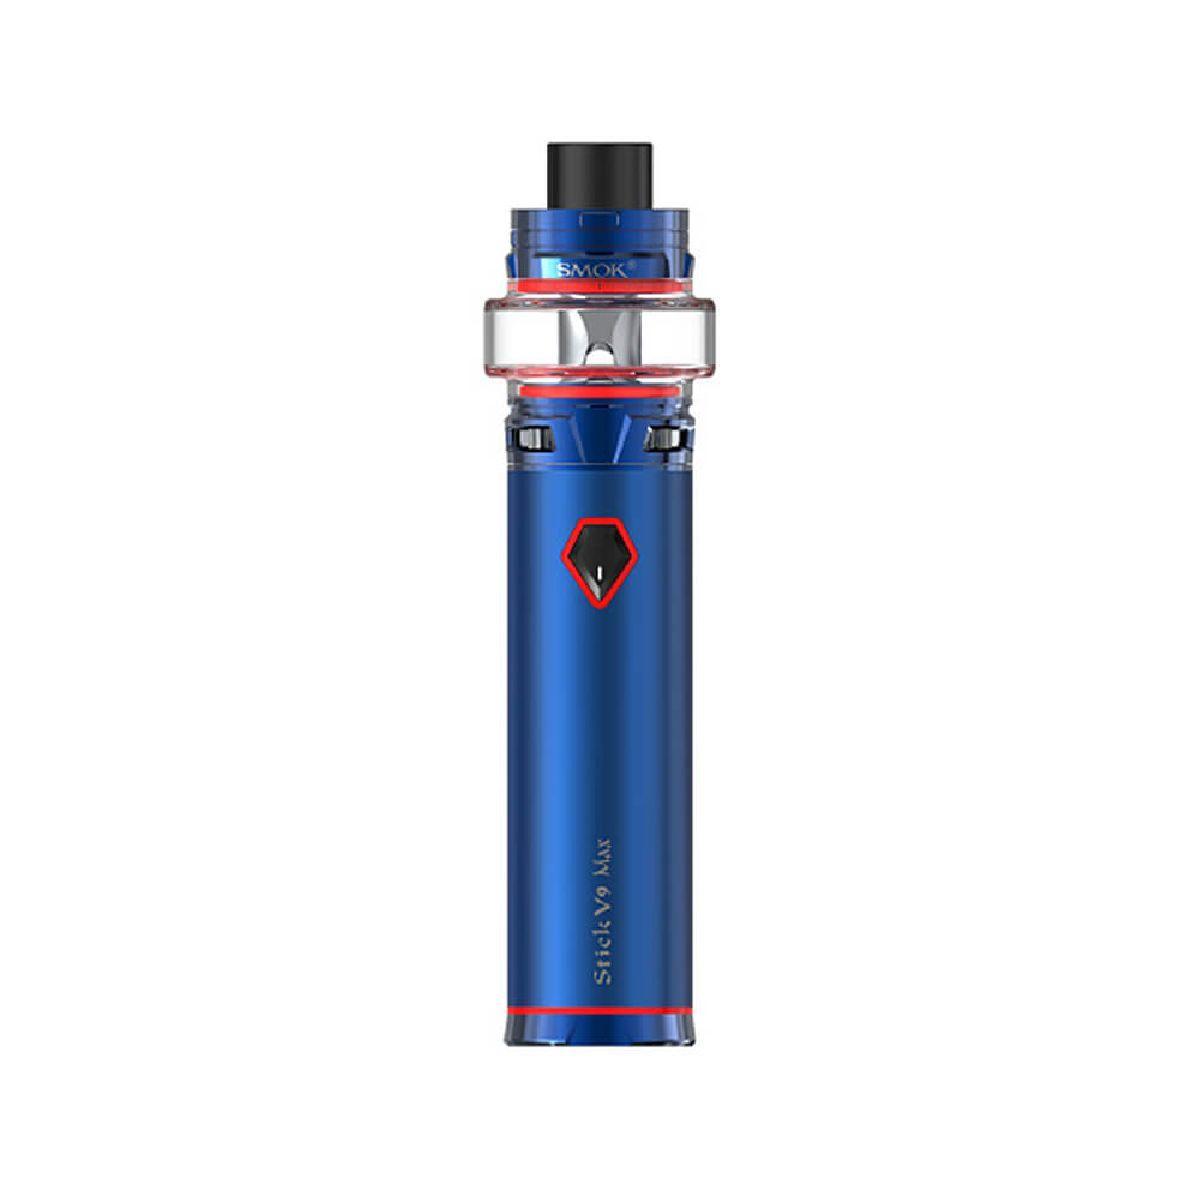 VAPE SMOK STICK V9 MAX KIT BLUE